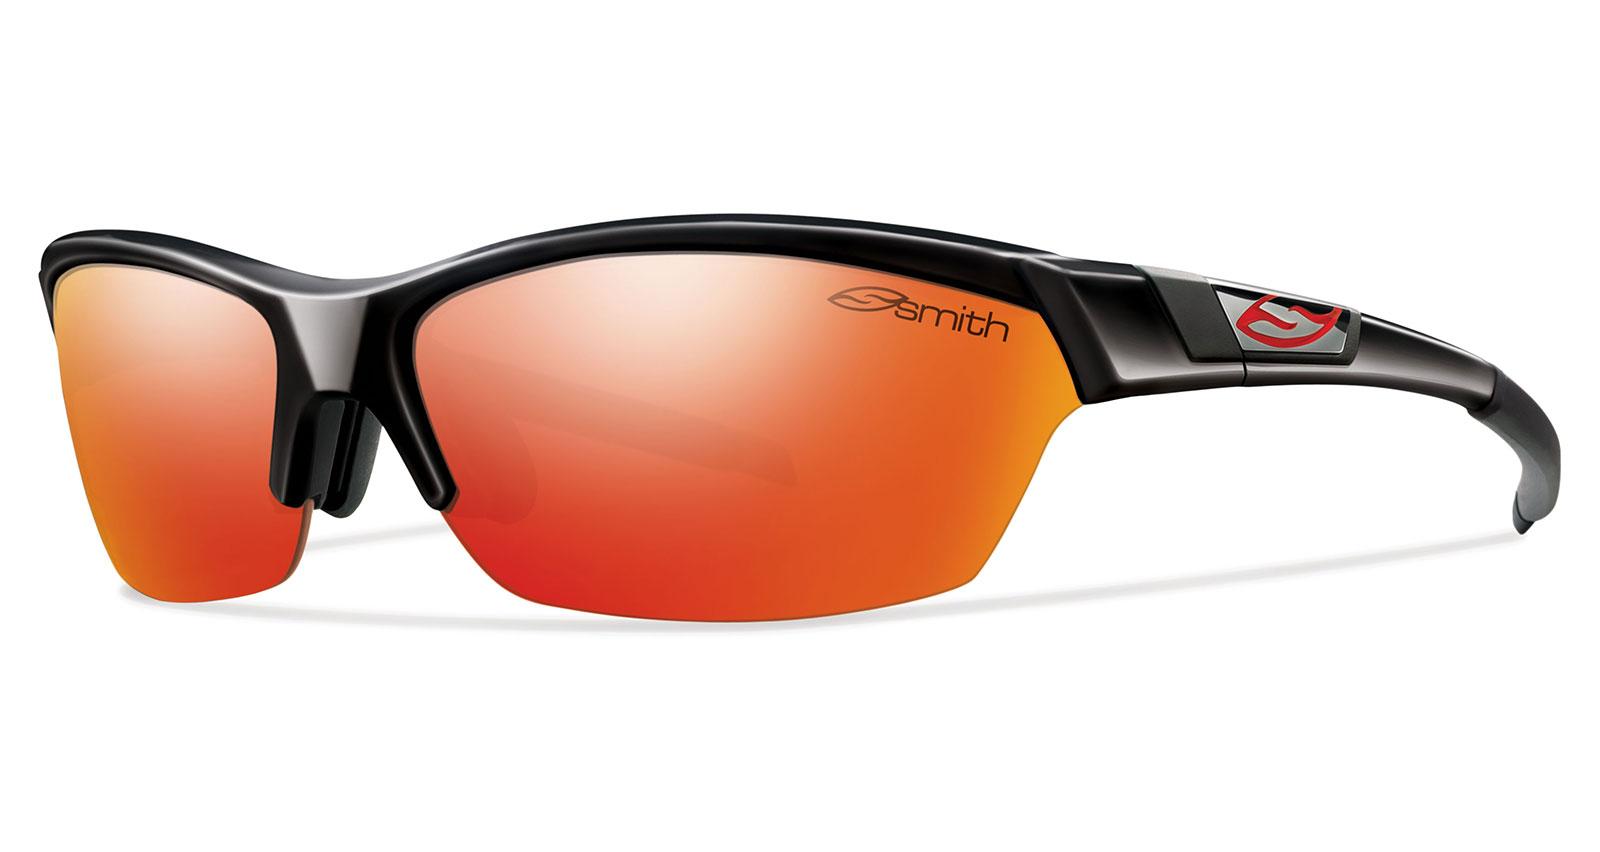 Smith optics polarized fishing sunglasses louisiana for Smith fishing sunglasses